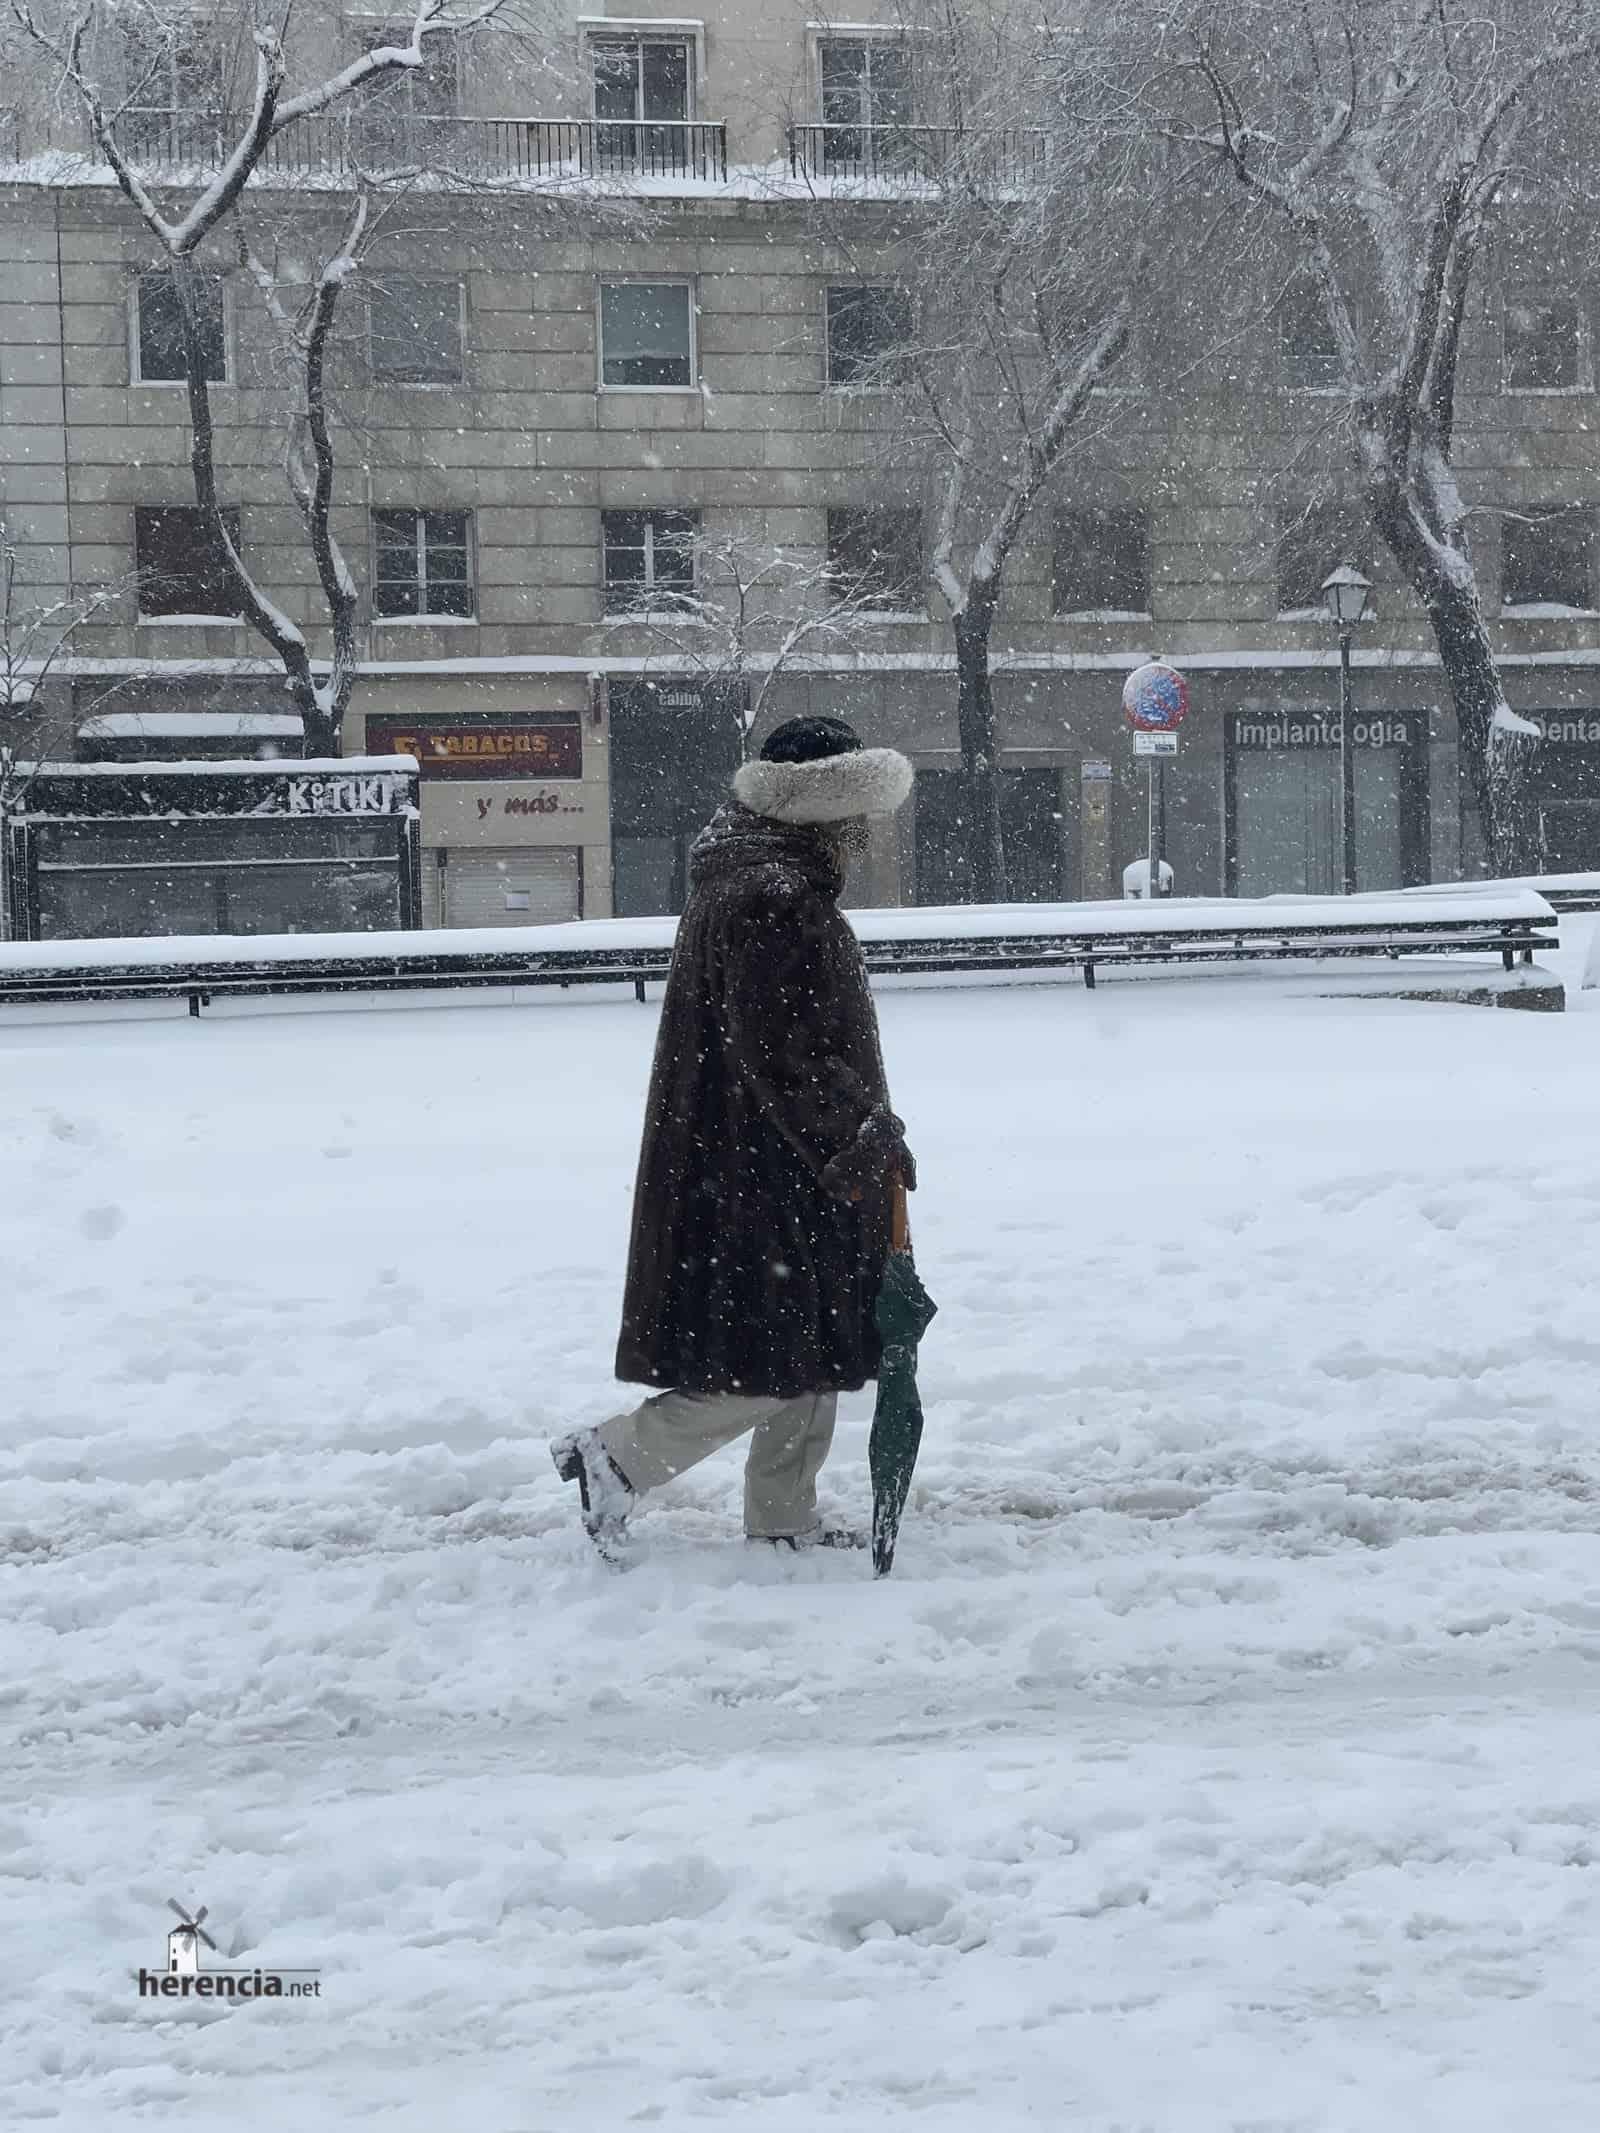 Fotografías de la nevada de enero en Madrid (España) 208